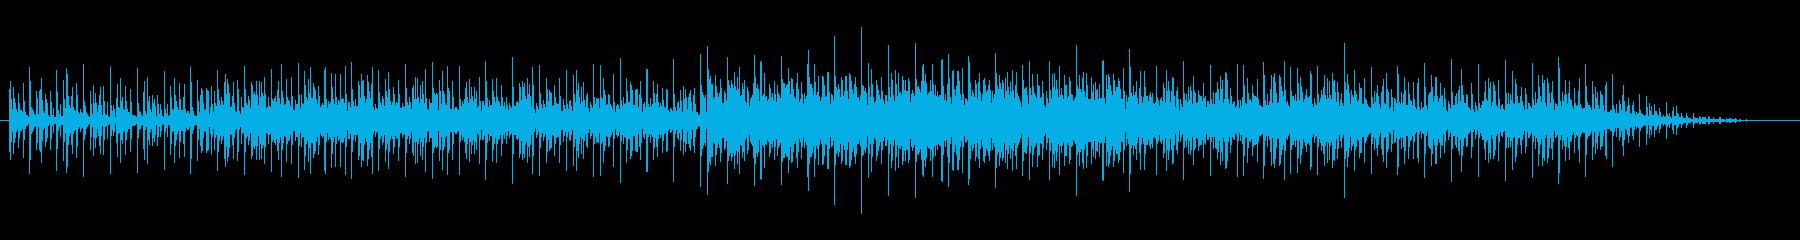 雄大なピアノ・サウンドの再生済みの波形